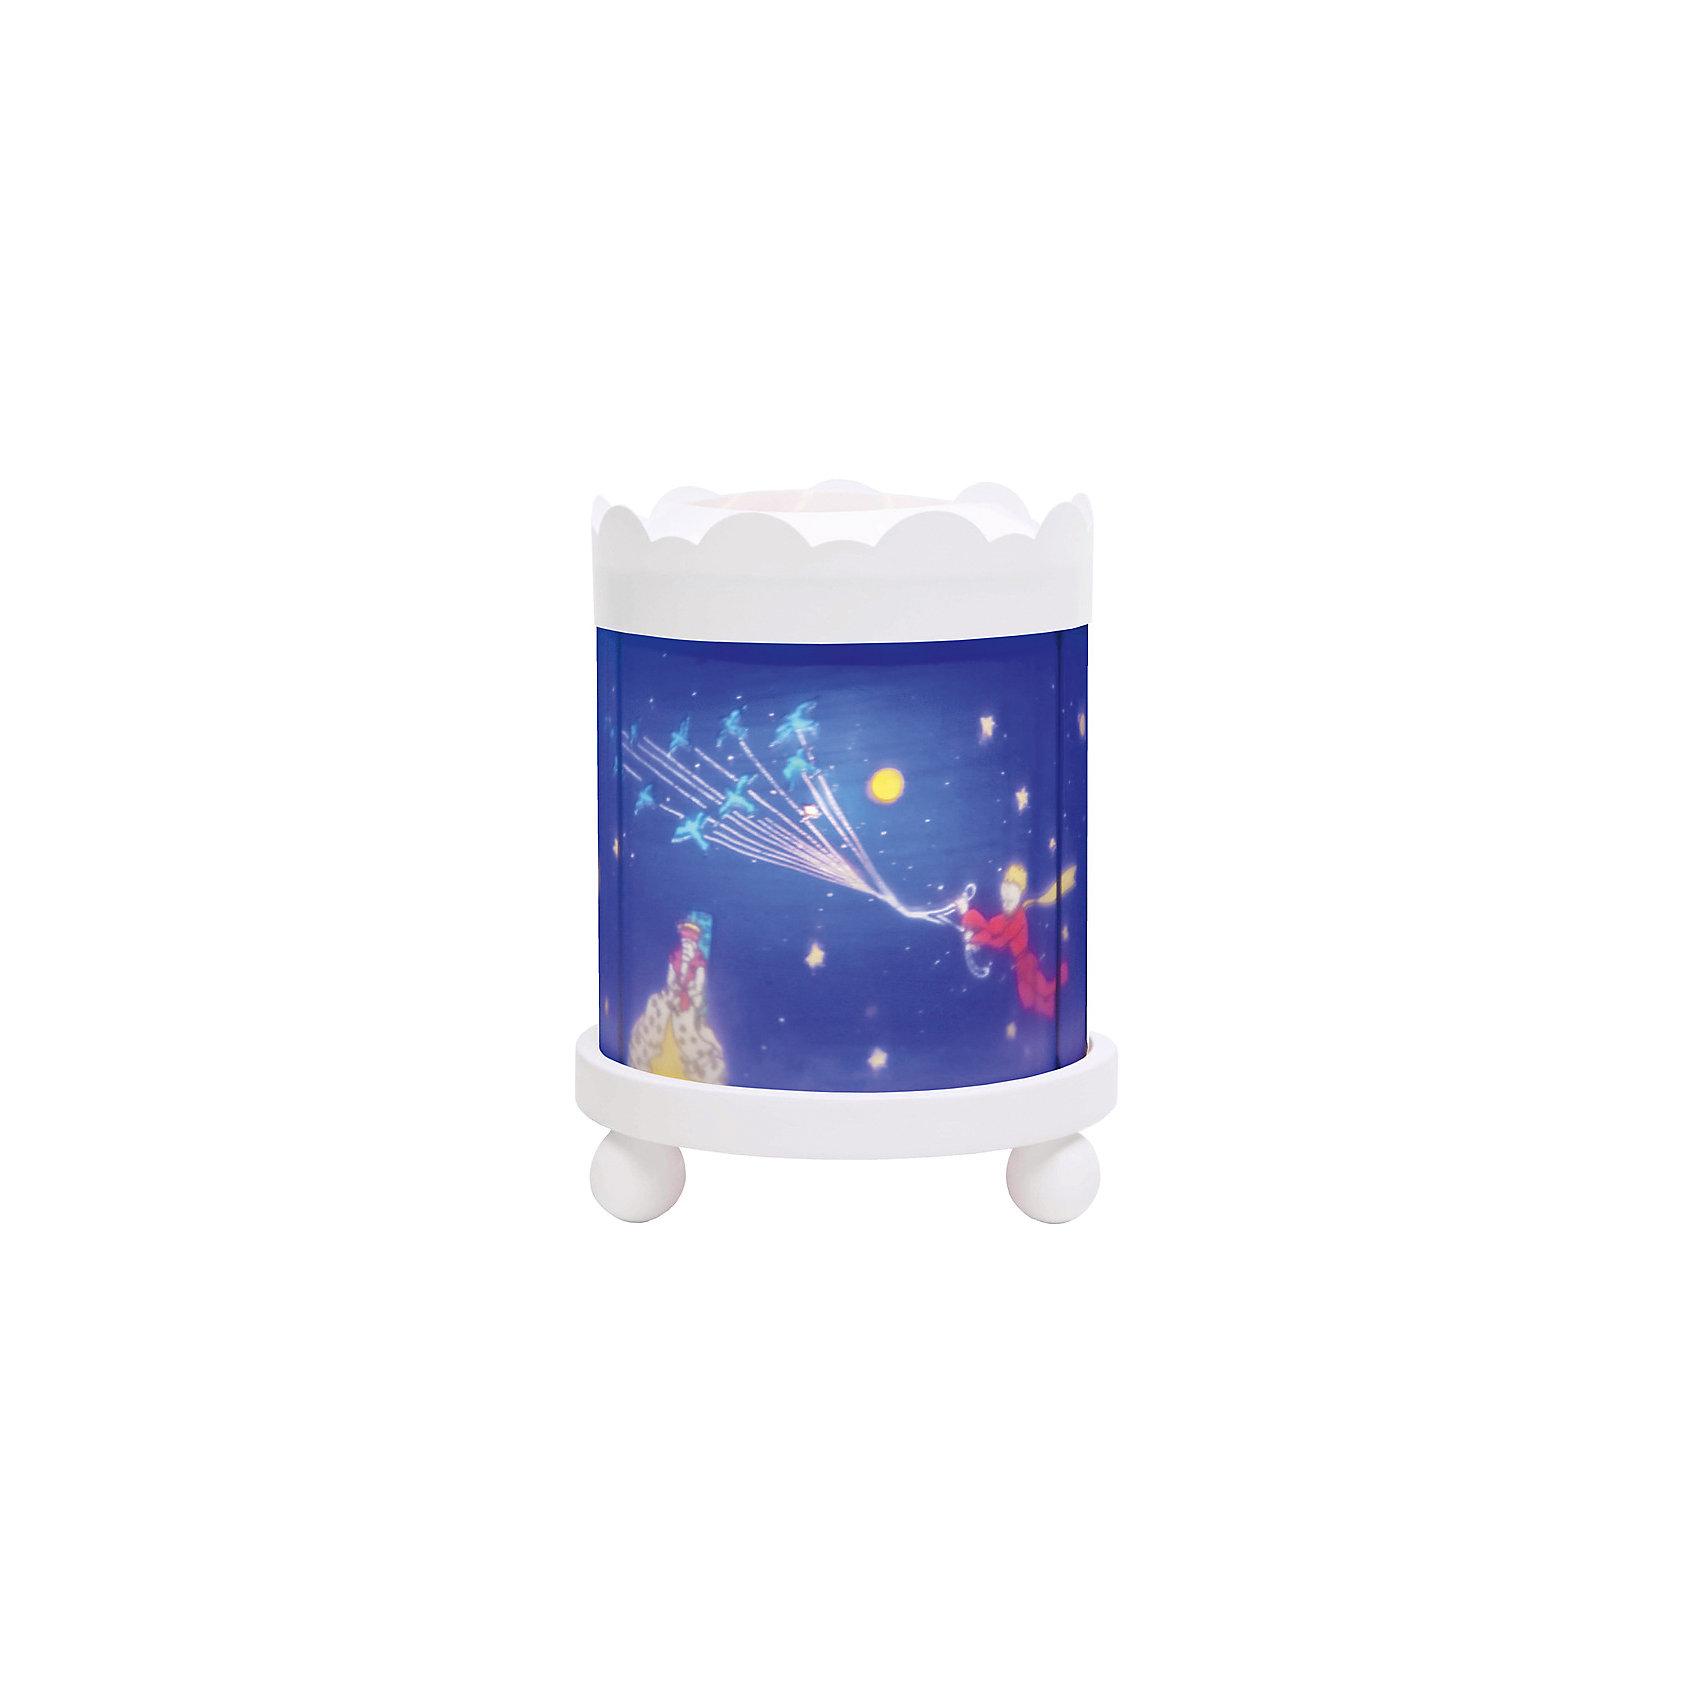 TROUSSELIER Светильник-ночник с функцией проектора Little Prince, Trousselier ночники pabobo ночник мишка путешественник